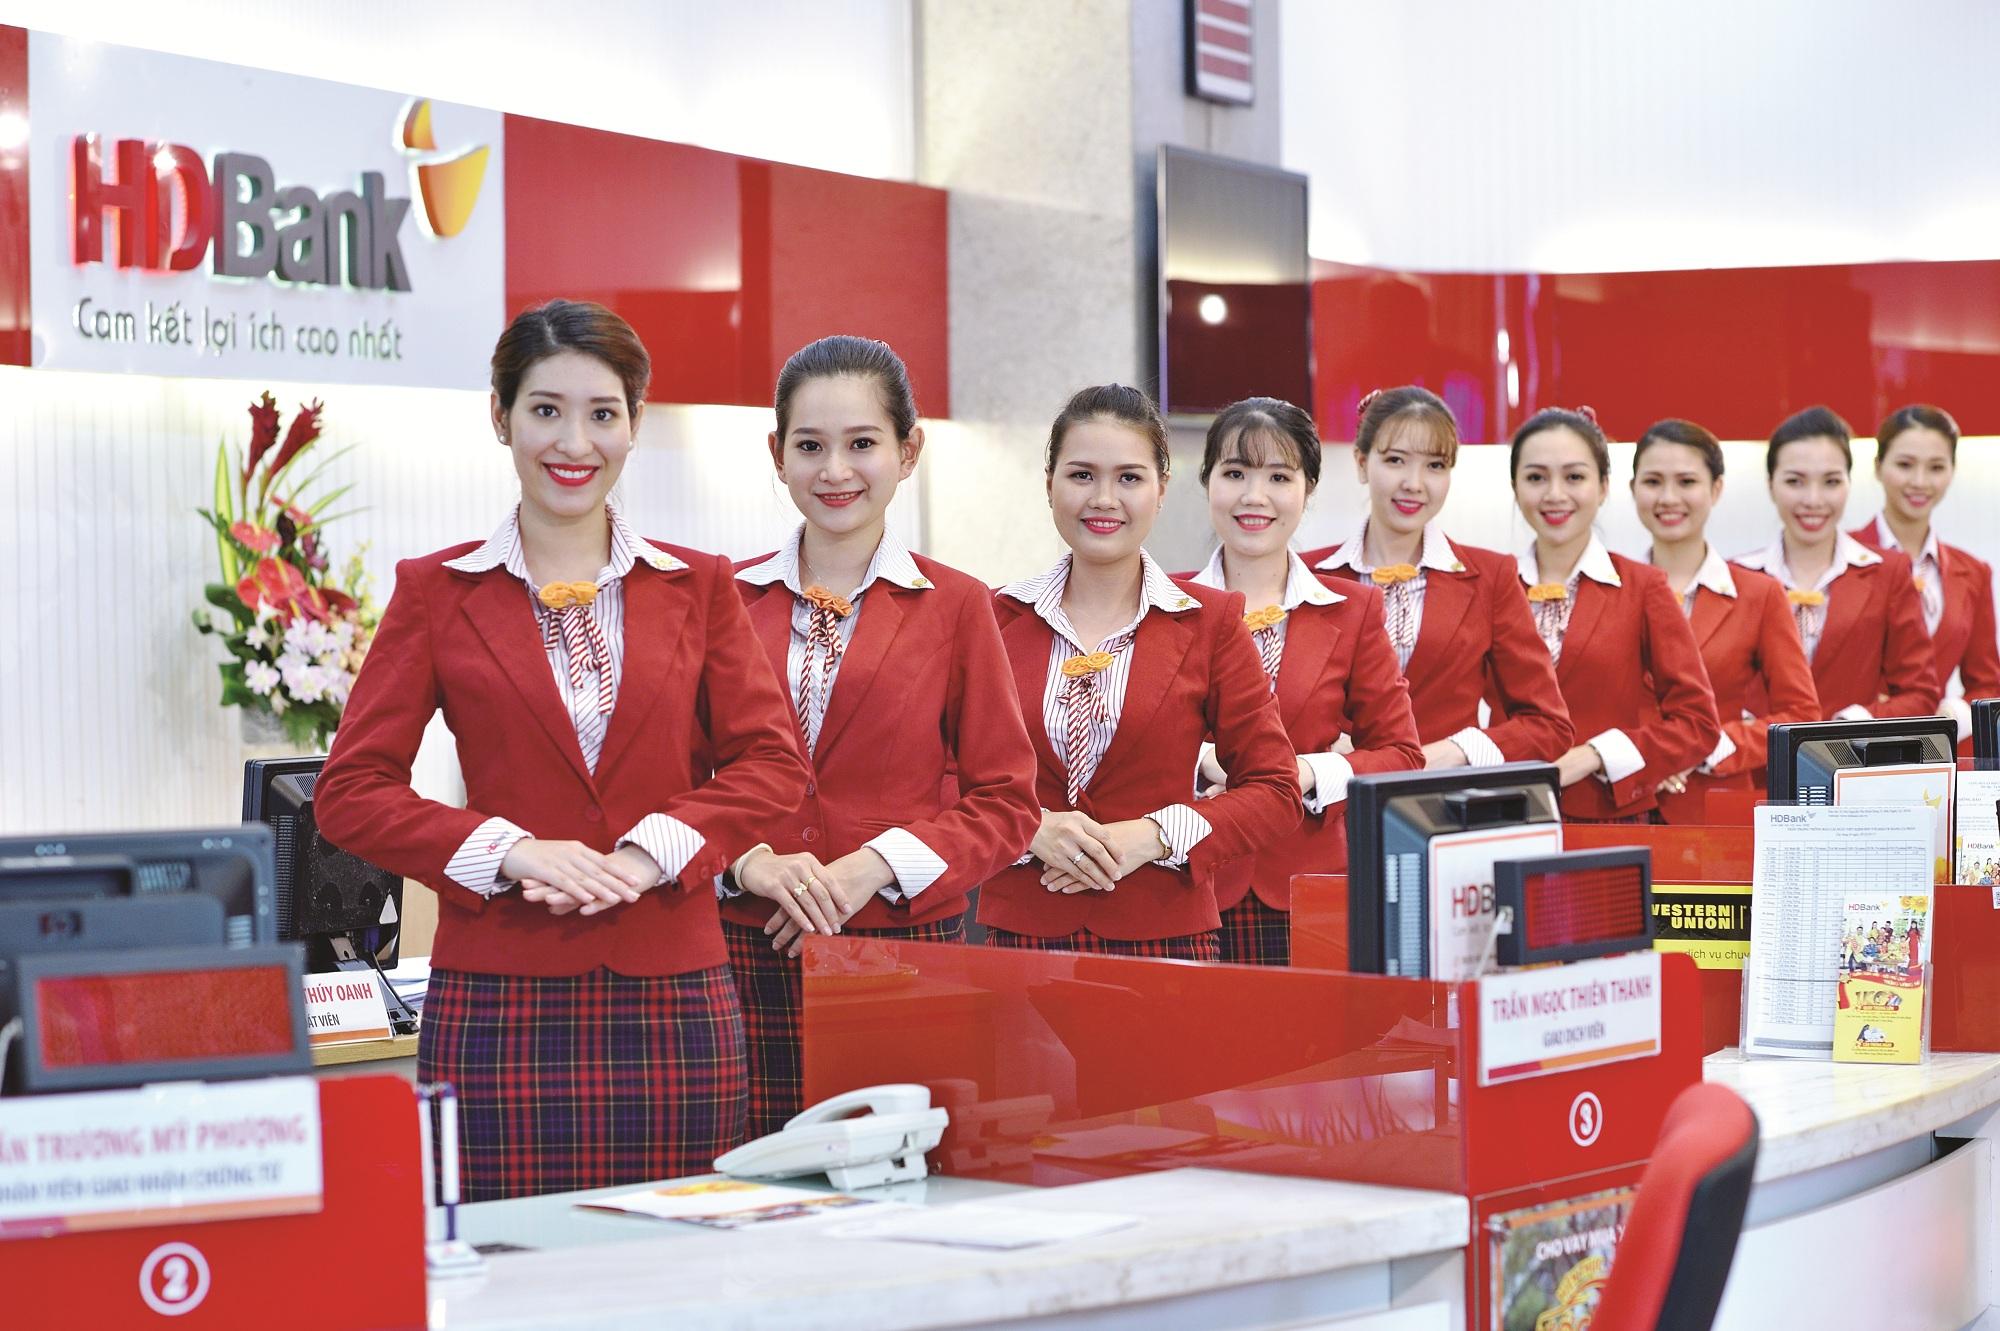 HDBank được bình chọn là nơi làm việc tốt nhất châu Á năm 2018 - Ảnh 4.